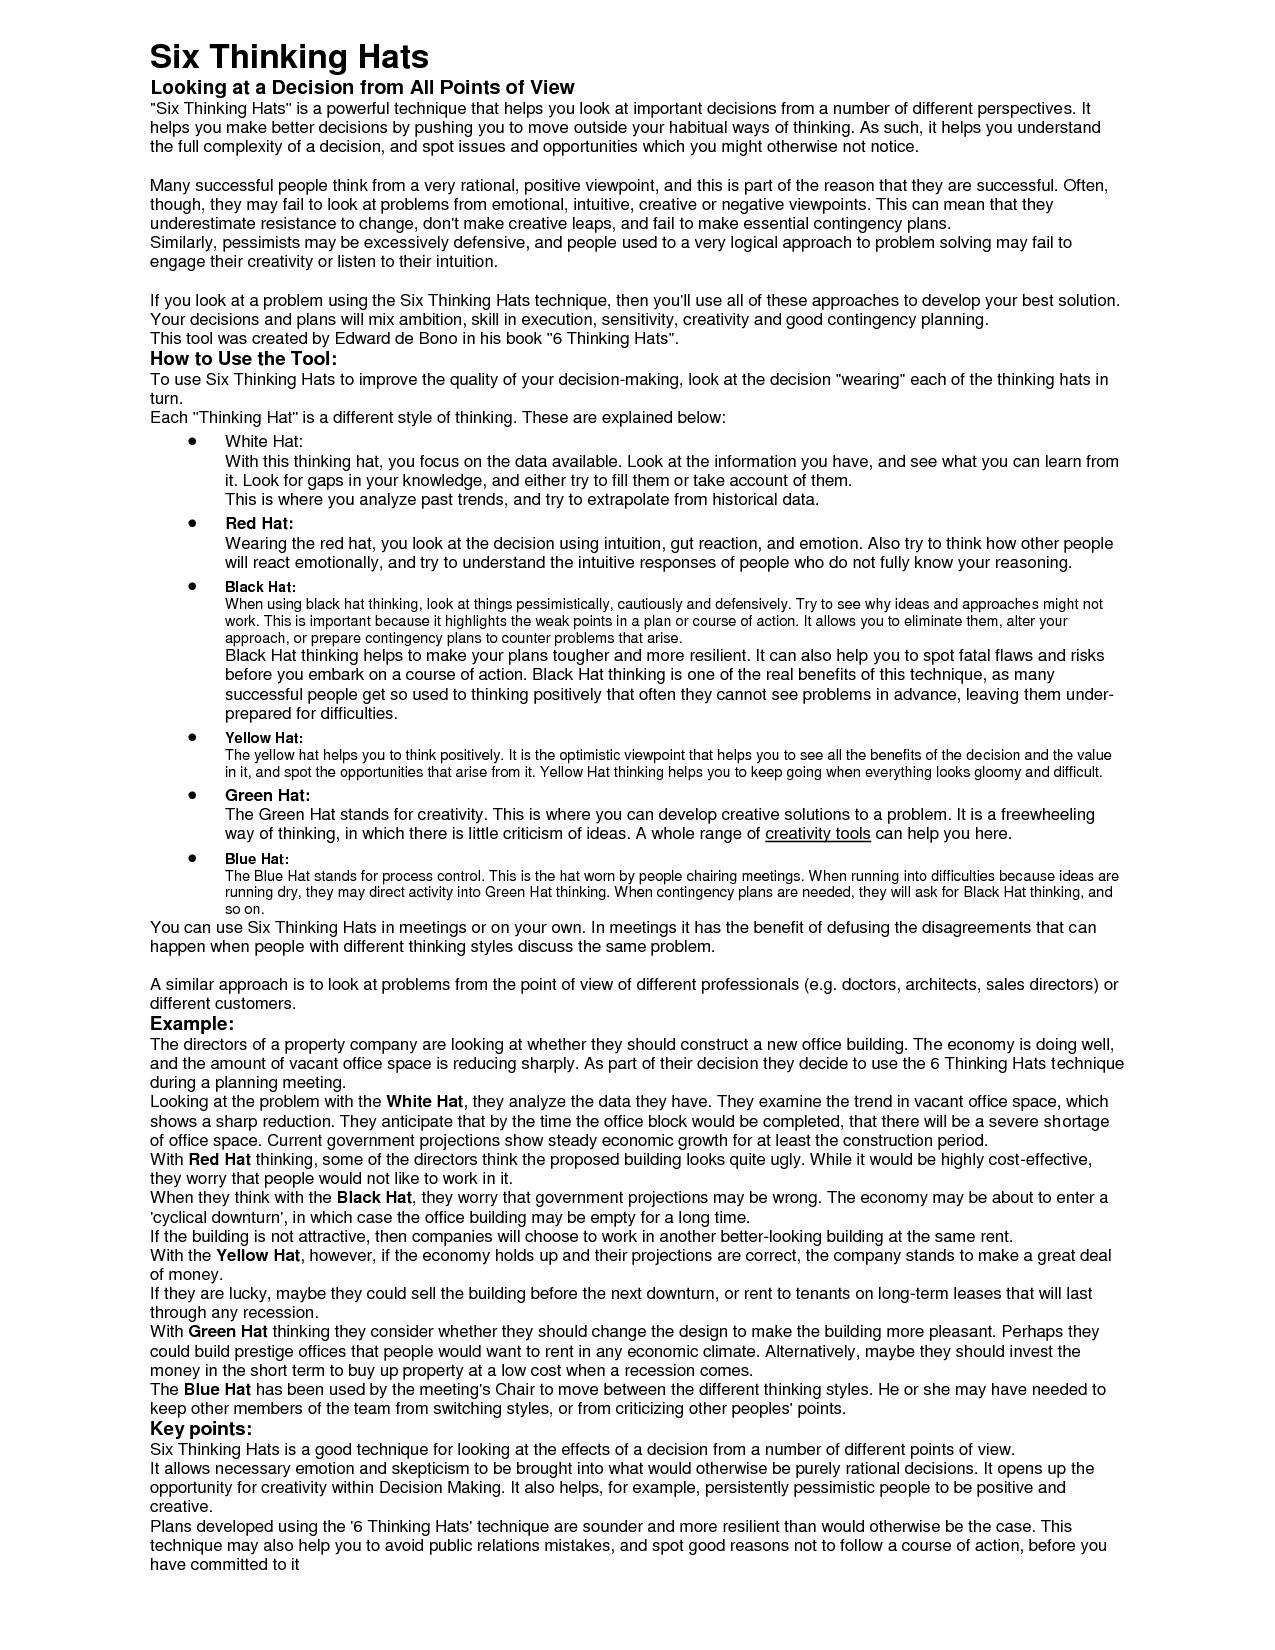 Free Printable Information Sheet